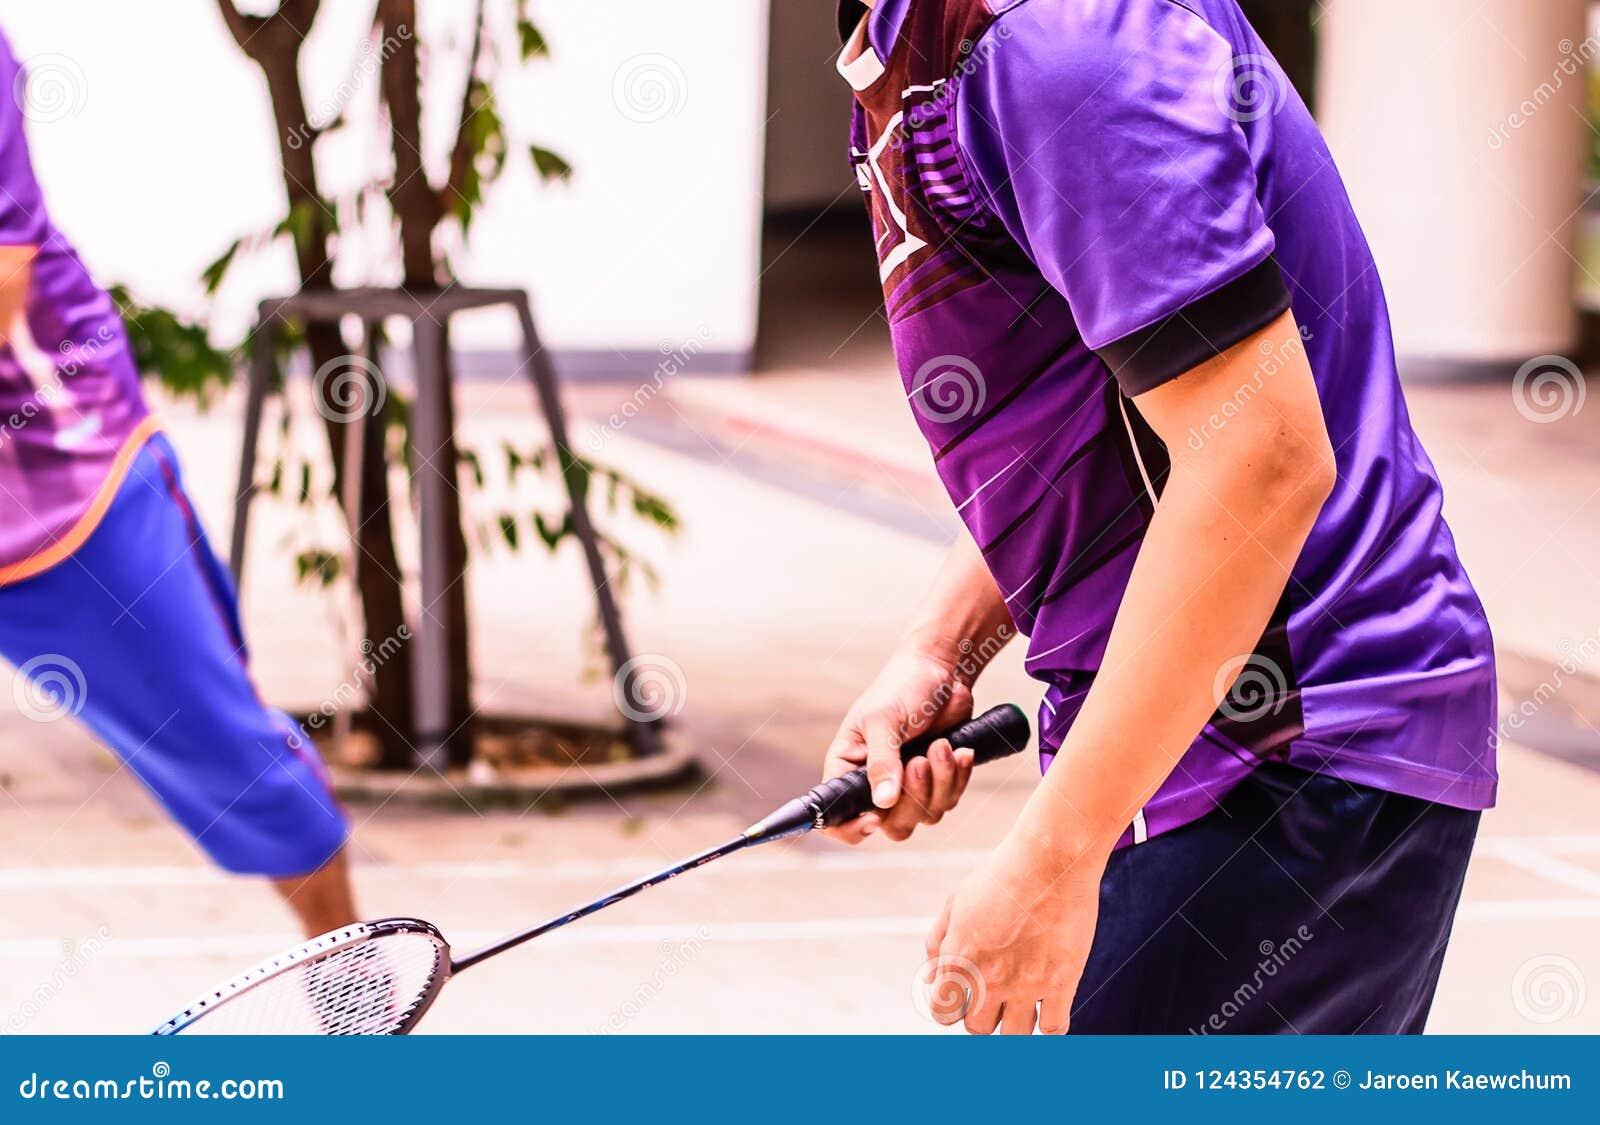 Cortes de badminton com os jogadores que competem